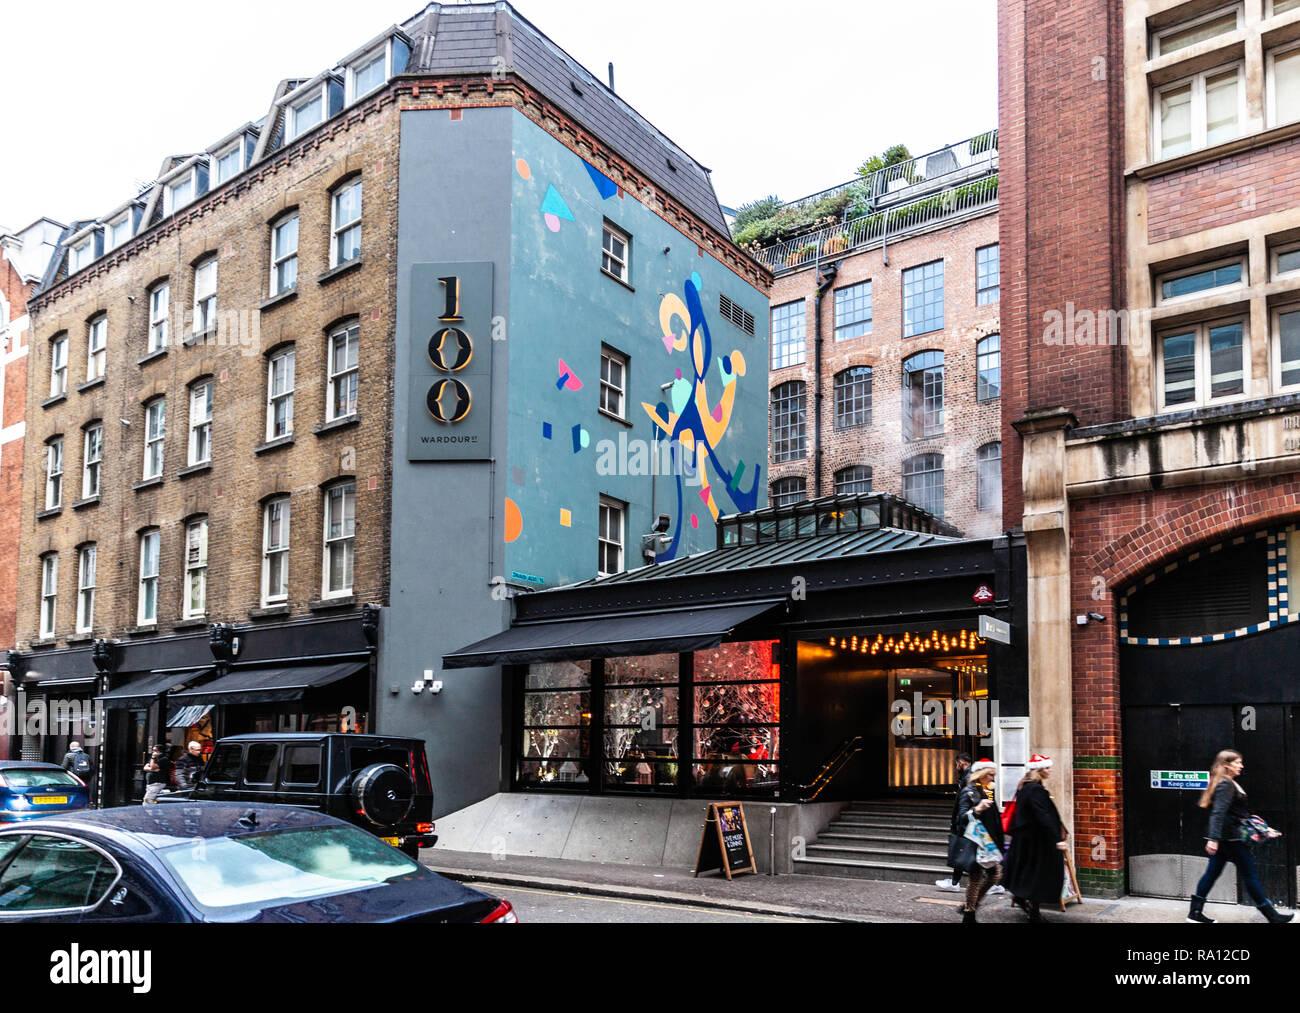 Wardour Street, Soho, London, England, UK. - Stock Image